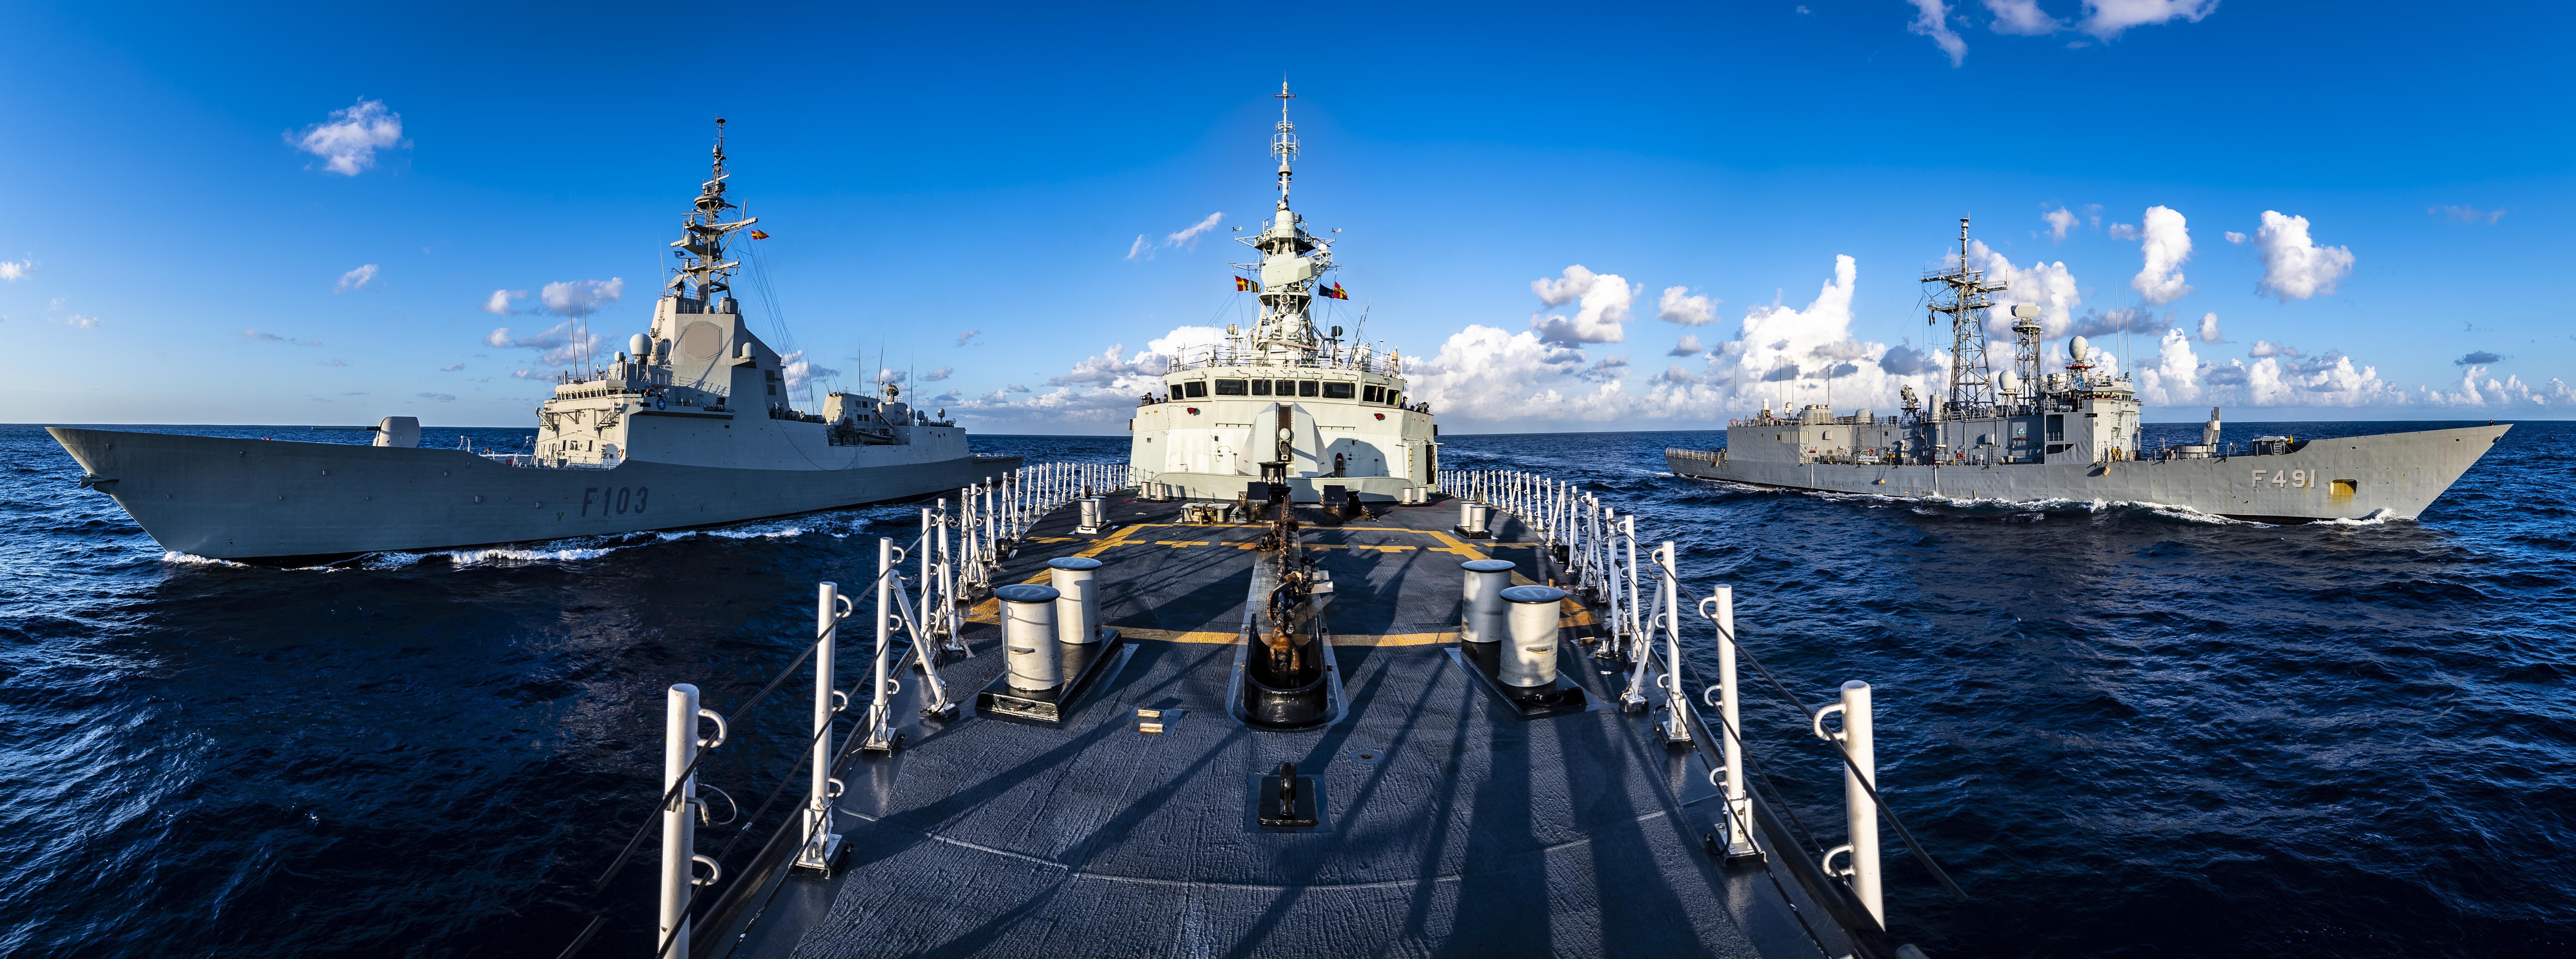 SNMG2 at sea